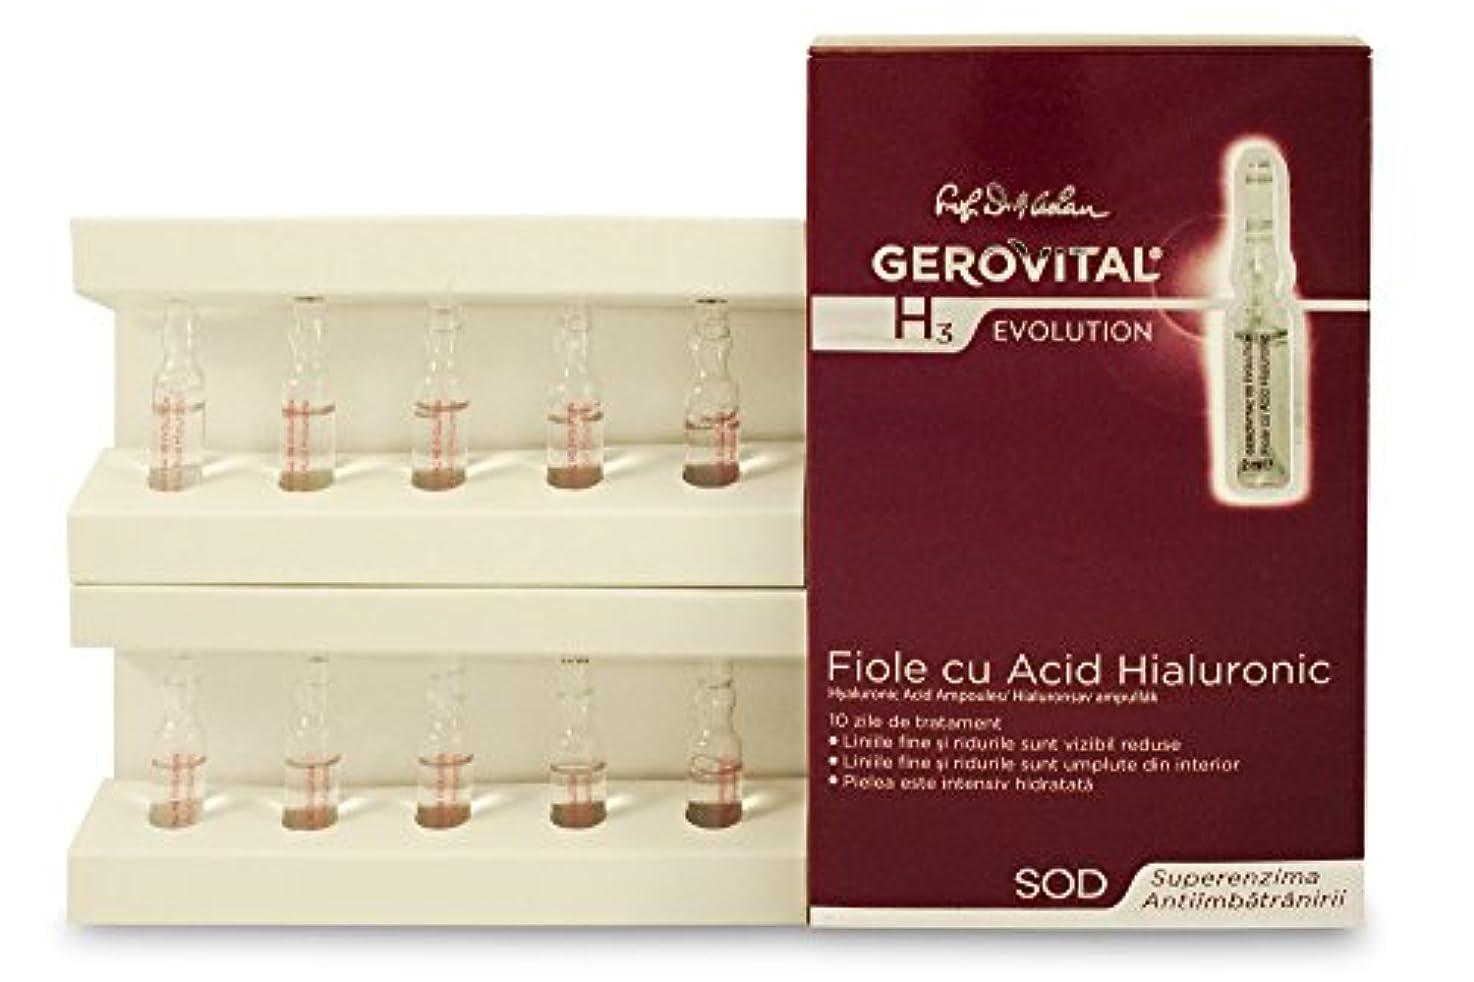 役職ヘロイン洞窟ジェロビタールH3 エボリューション ヒアルロン酸アンプル入り美容液 [海外直送] [並行輸入品]